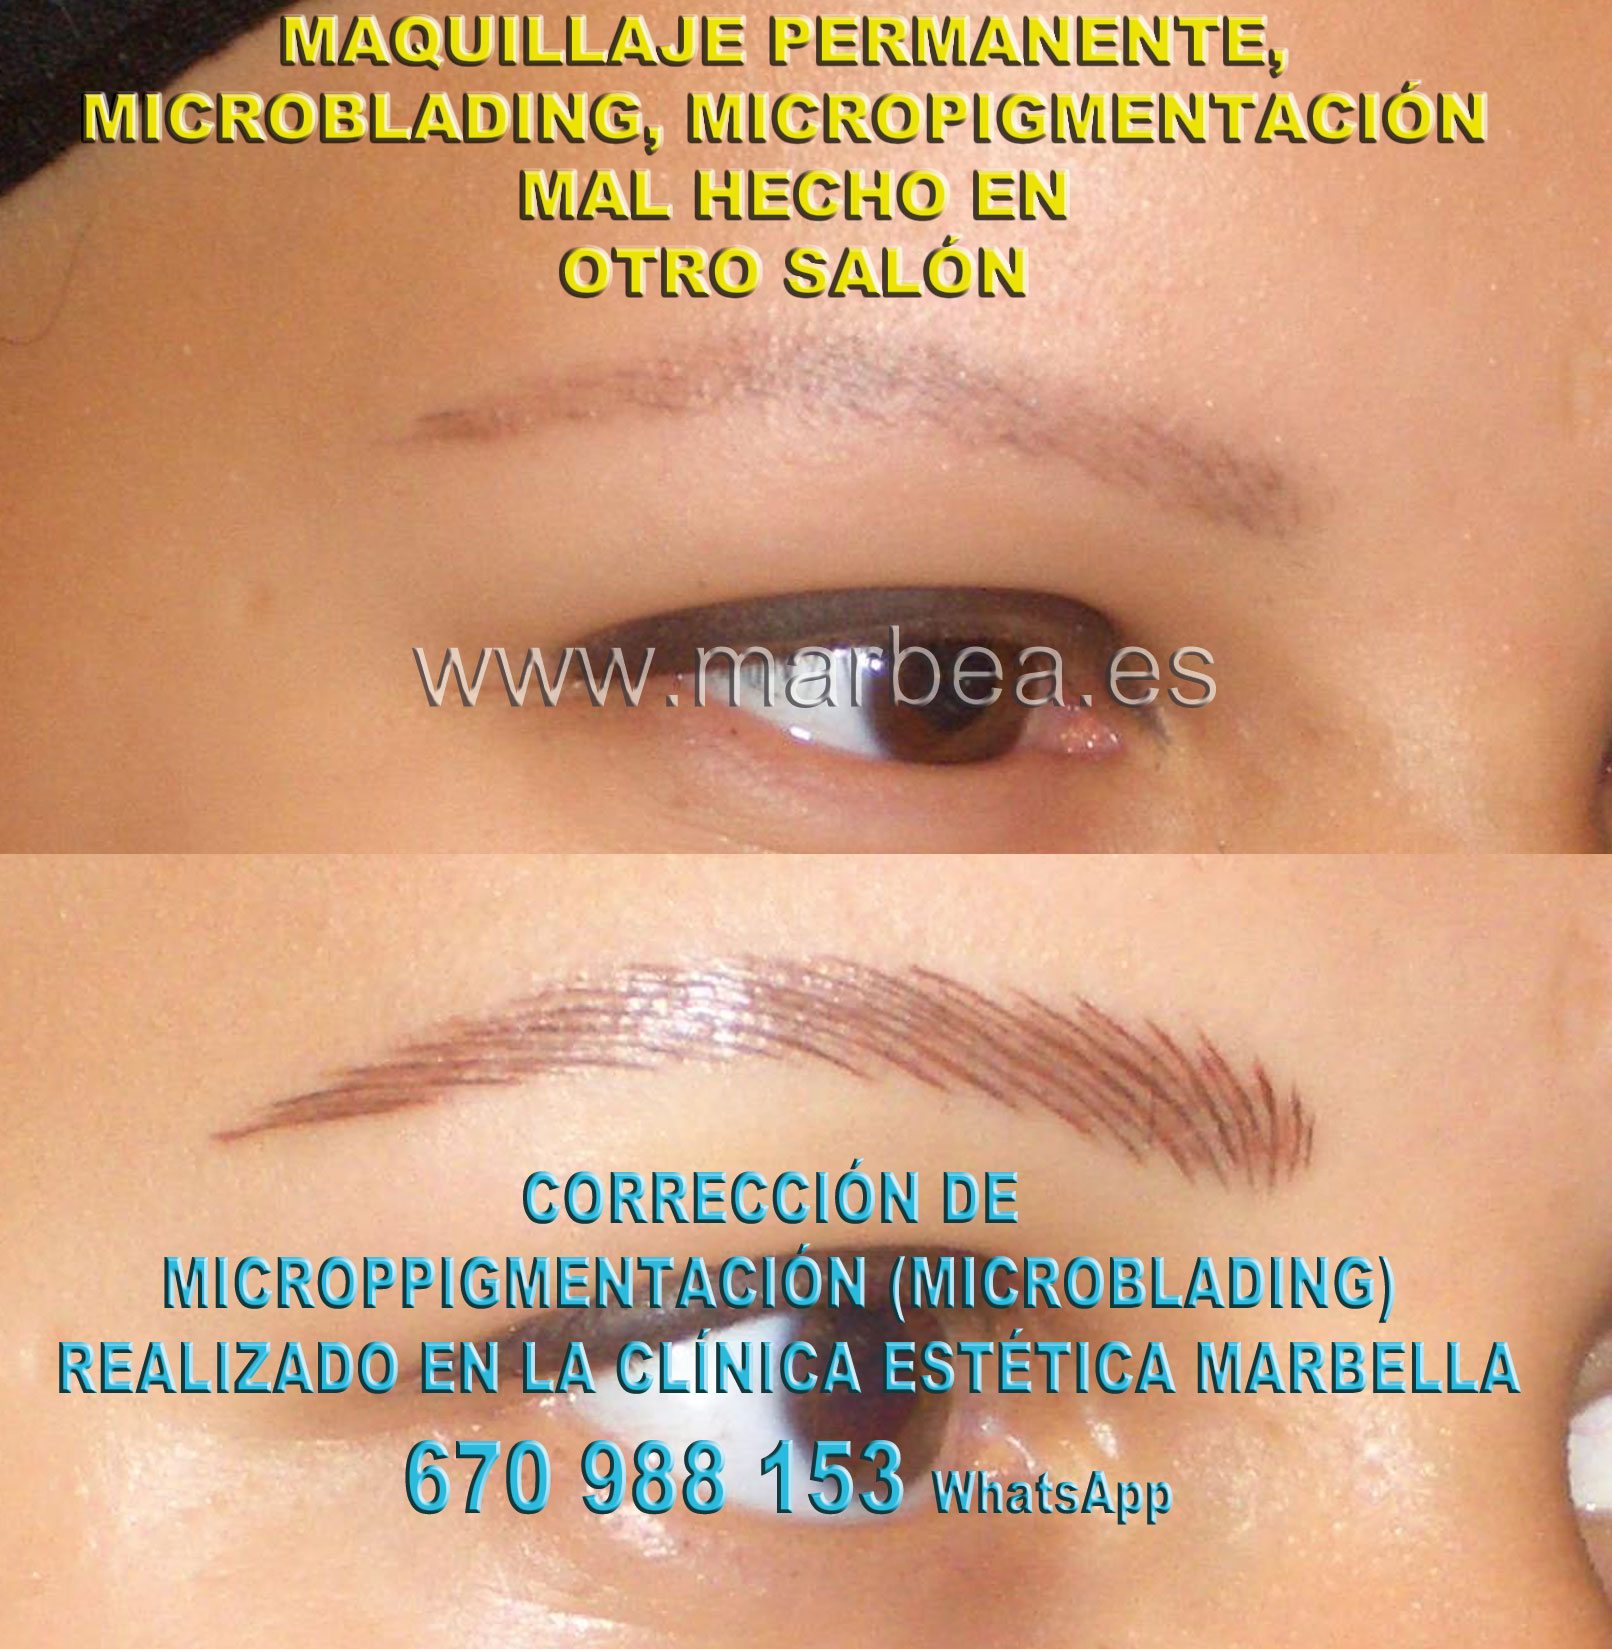 ELIMINAR TATUAJE CEJAS clínica estética micropigmentación propone eliminar la micropigmentación de cejas,corregir micropigmentación mal hecha